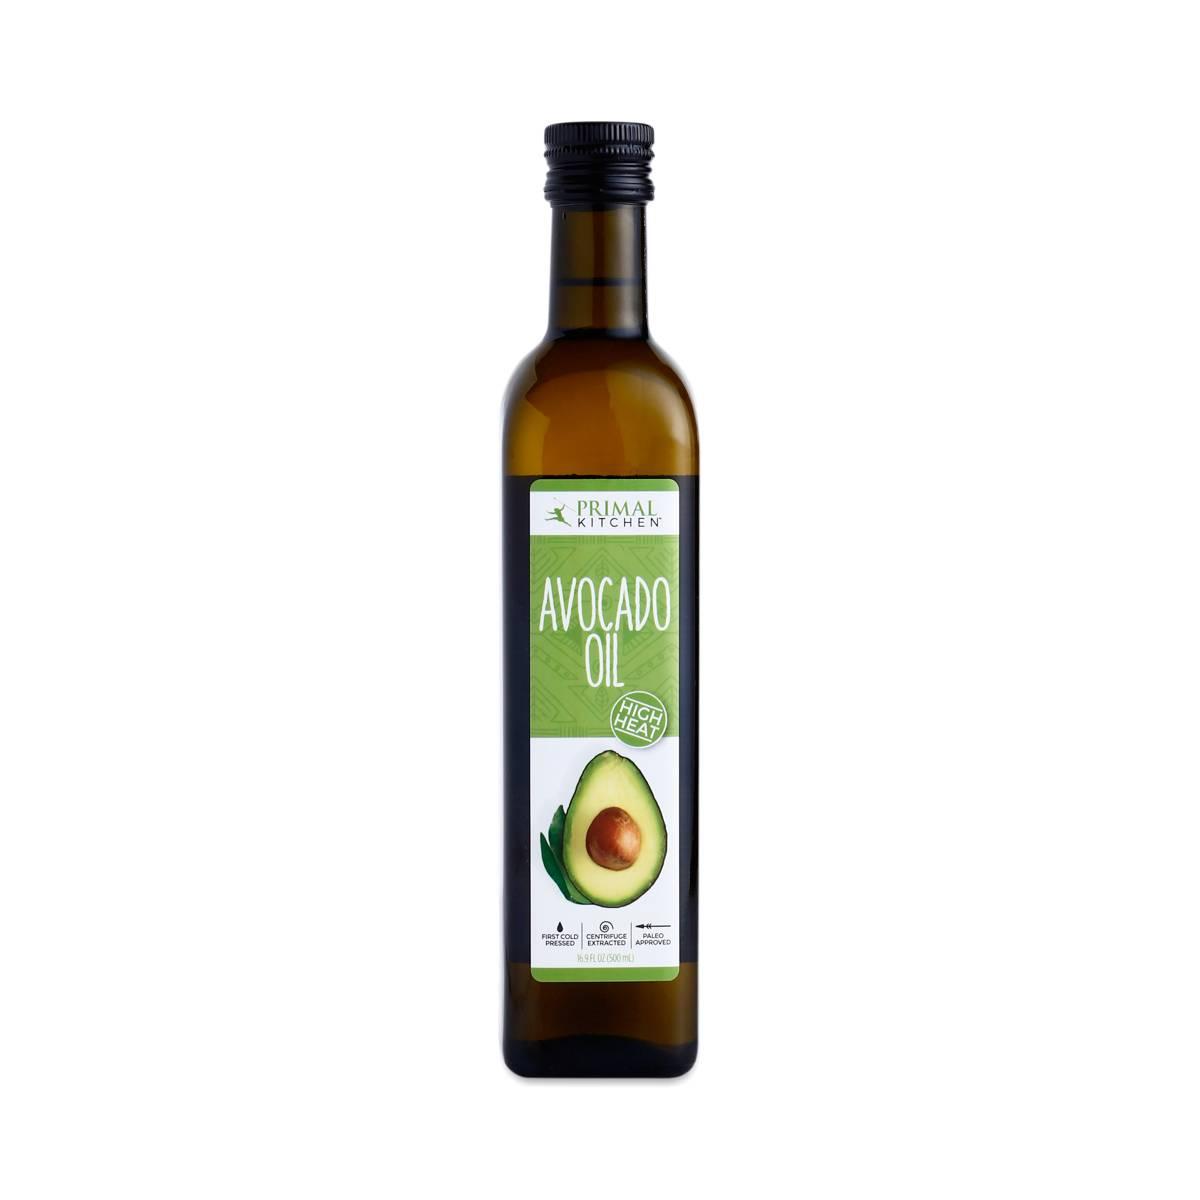 Primal Kitchen Ranch avocado oilprimal kitchen - thrive market